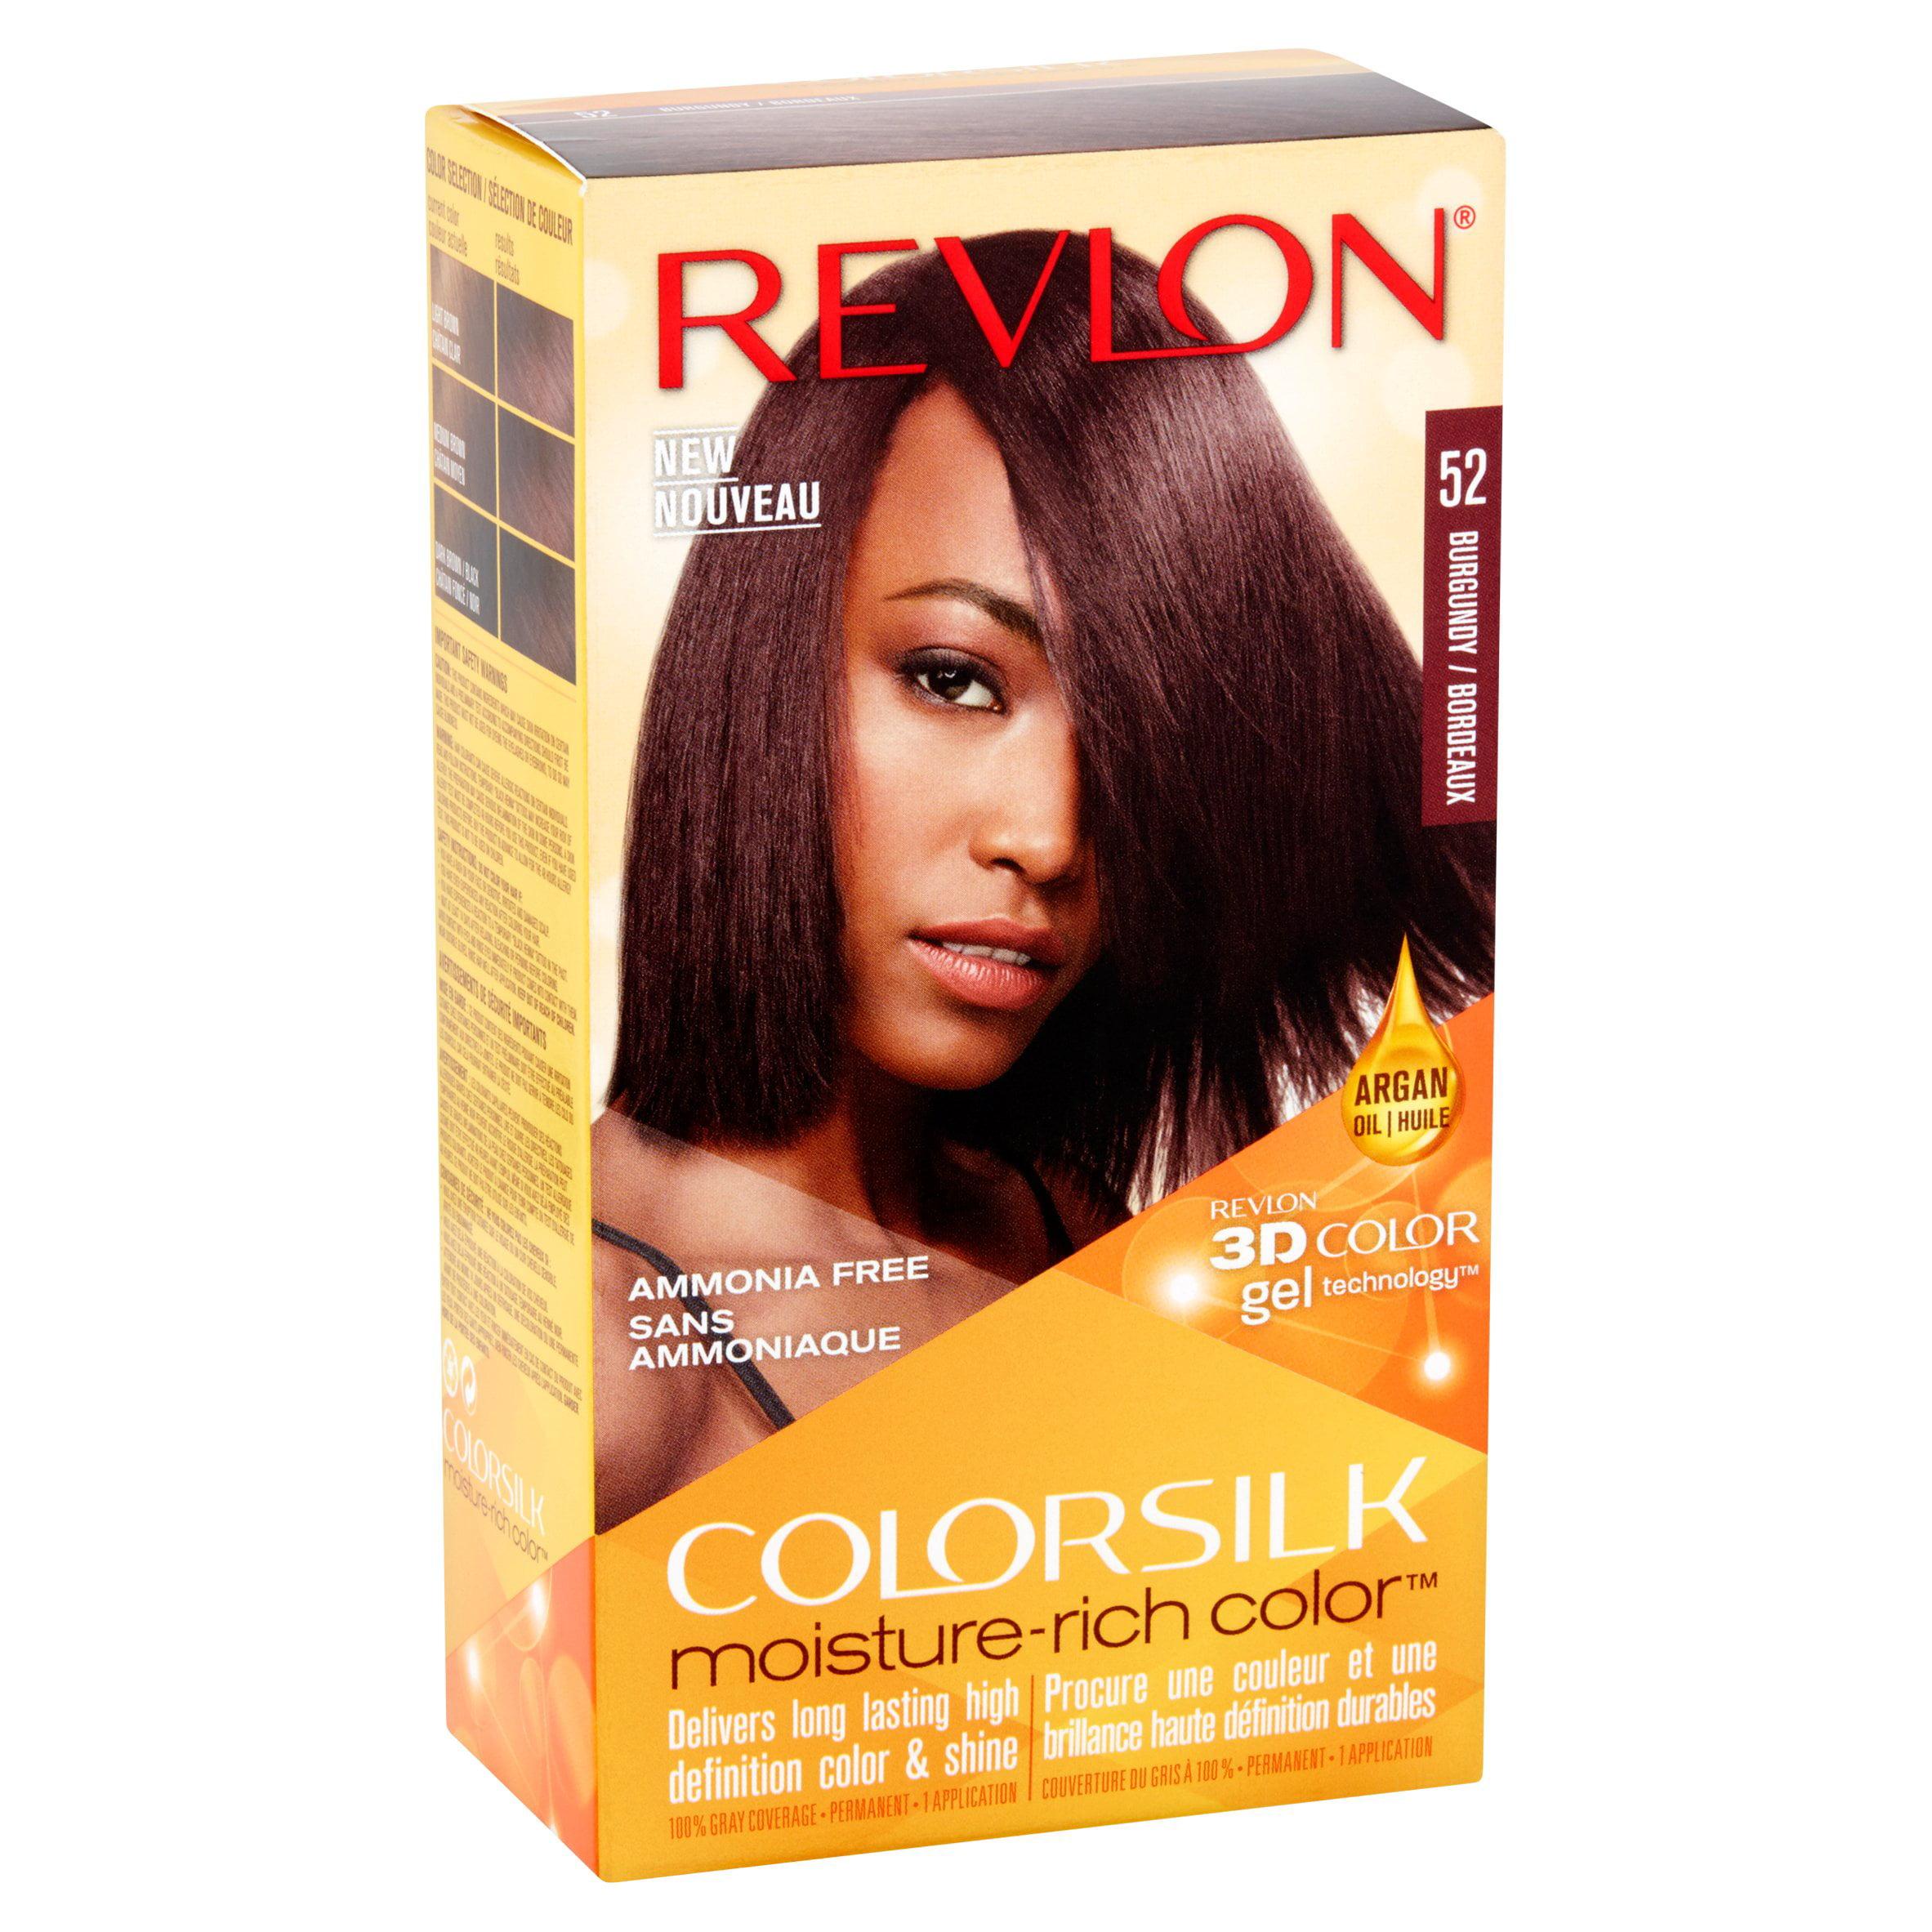 Revlon Colorsilk Moisture Rich Color 52 Burgundy Hair Color 1